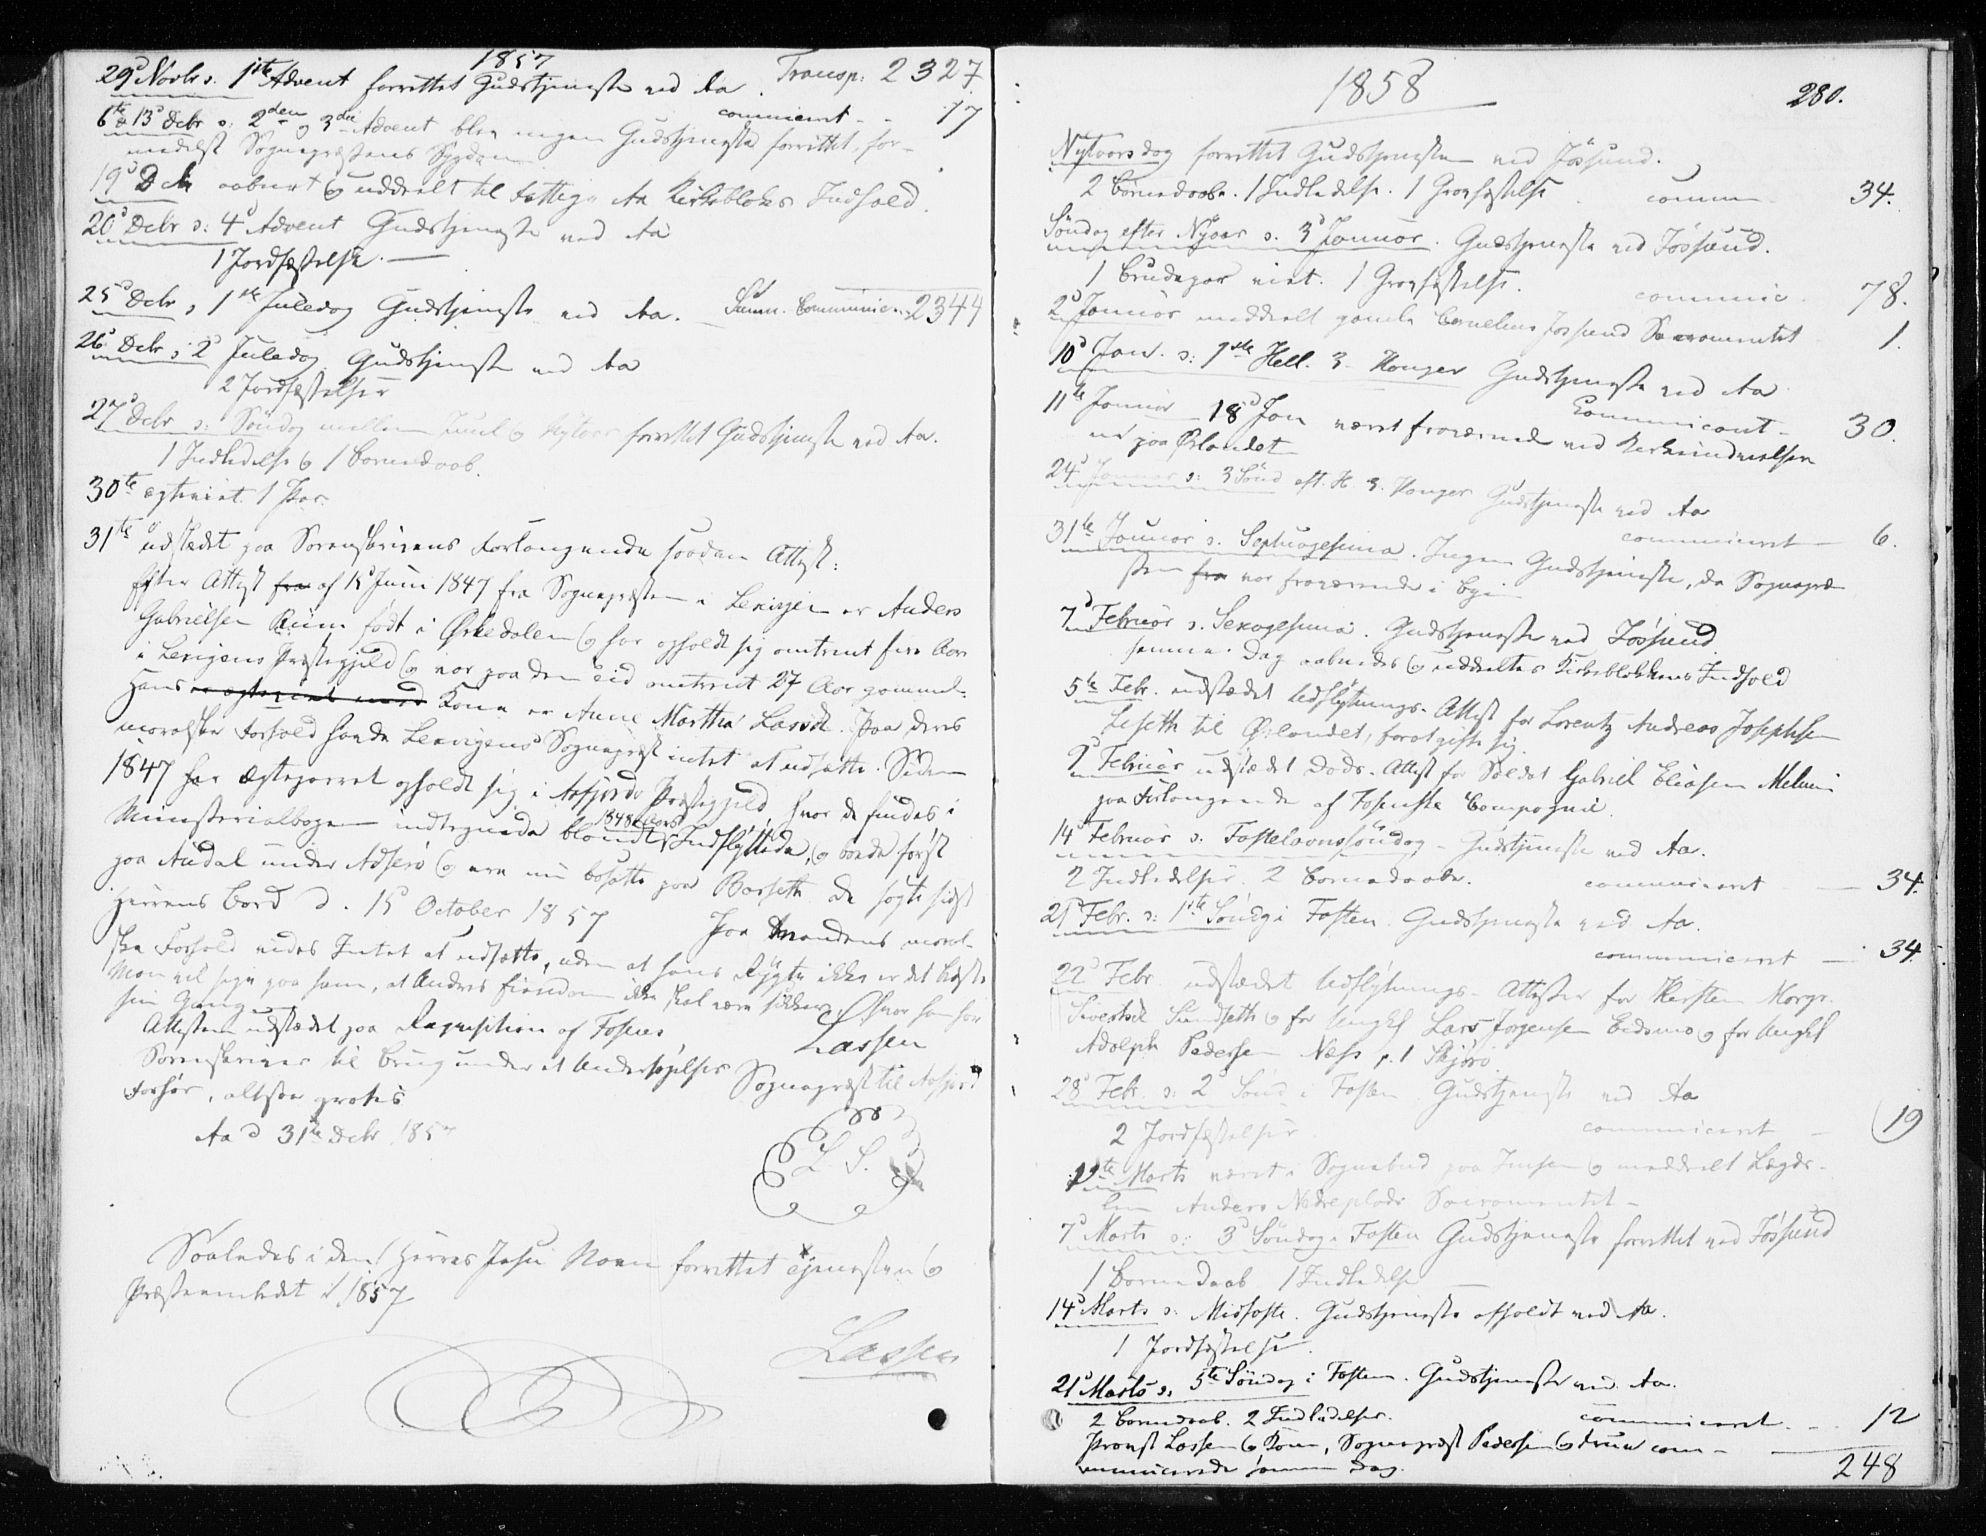 SAT, Ministerialprotokoller, klokkerbøker og fødselsregistre - Sør-Trøndelag, 655/L0677: Ministerialbok nr. 655A06, 1847-1860, s. 280